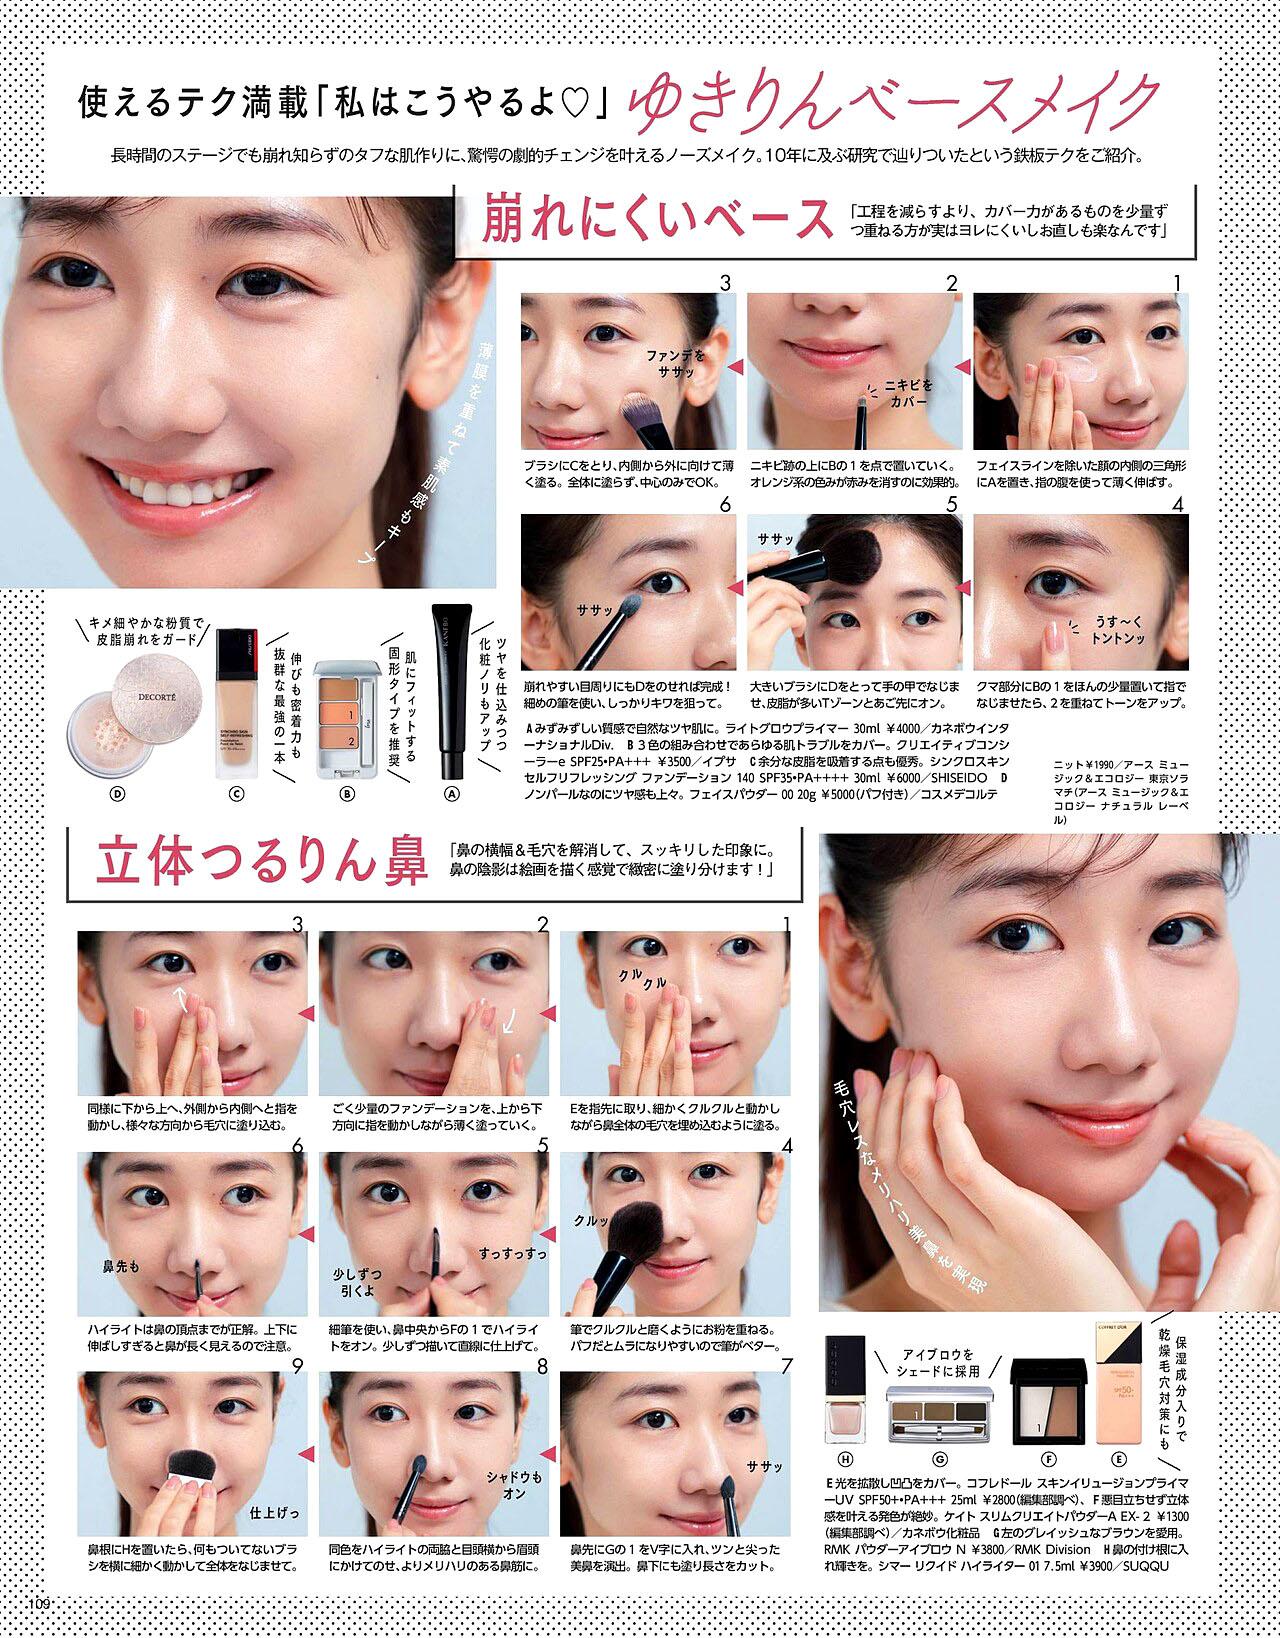 YKashiwagi Maquia 2103 03.jpg